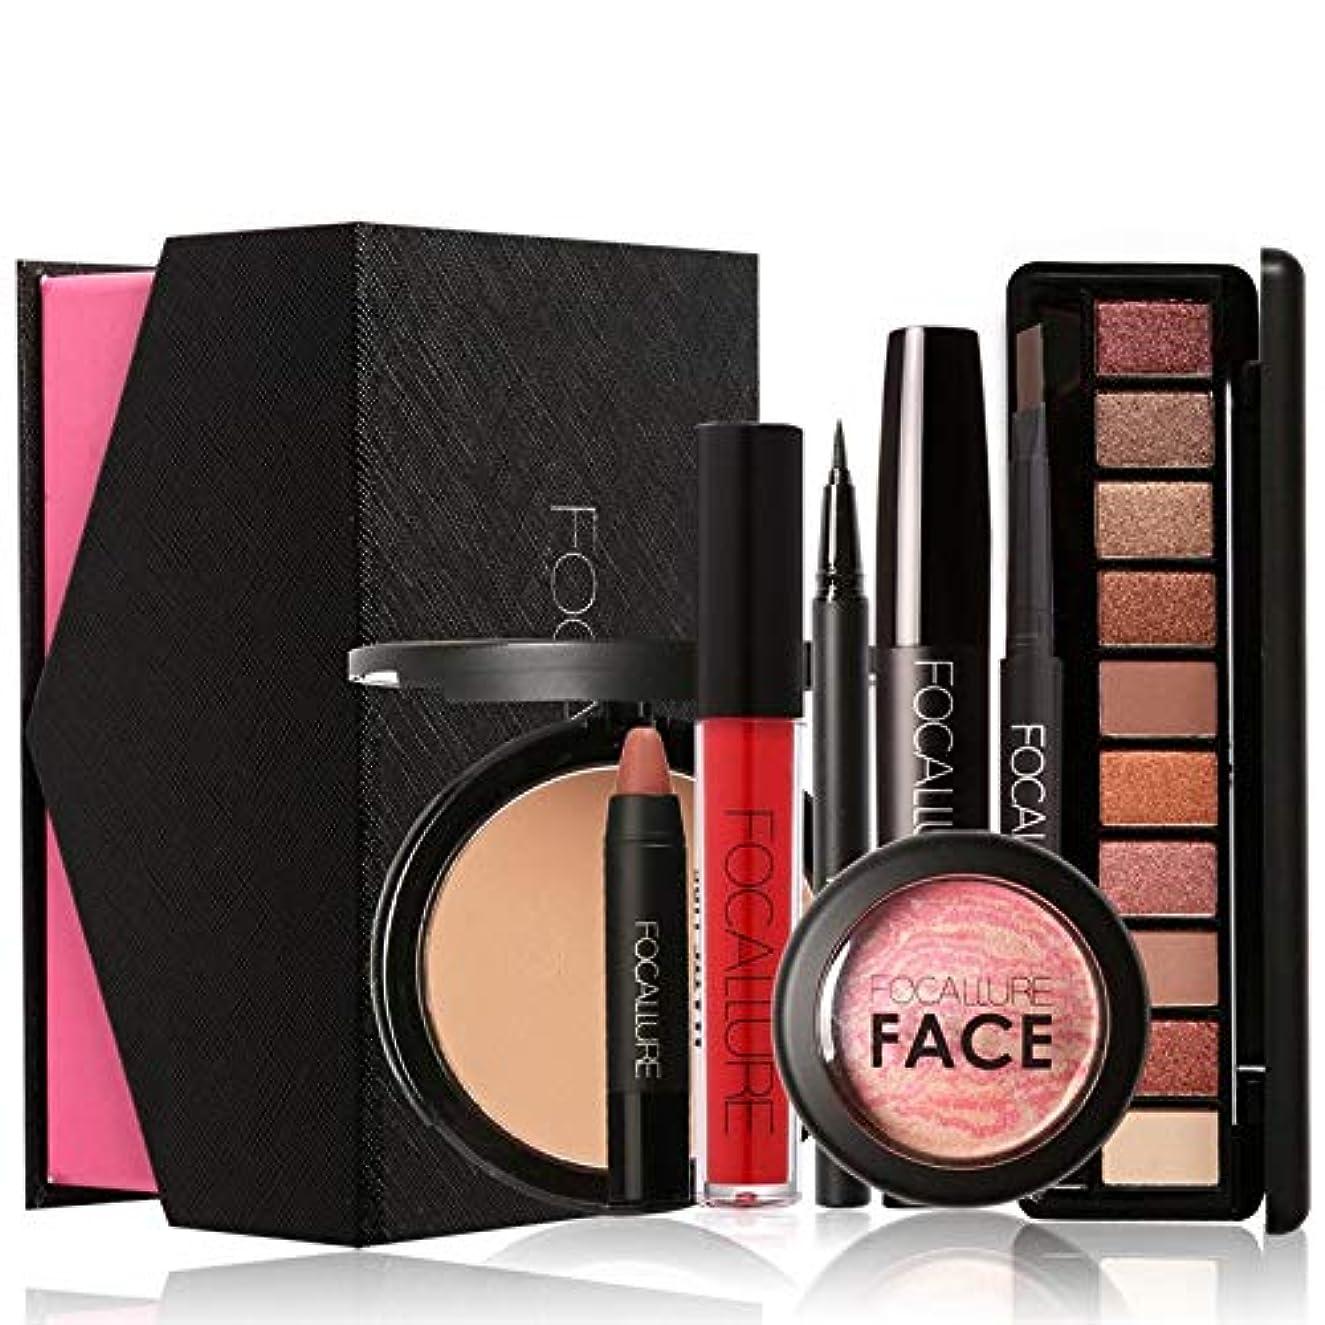 遺体安置所連合楽観的8Pcs Daily Use Cosmetics Makeup Sets Make Up Cosmetics Gift Makeup Set for women 毎日の使用8個の化粧品メイクアップセットメイクアップ化粧品ギフトメイクアップセット